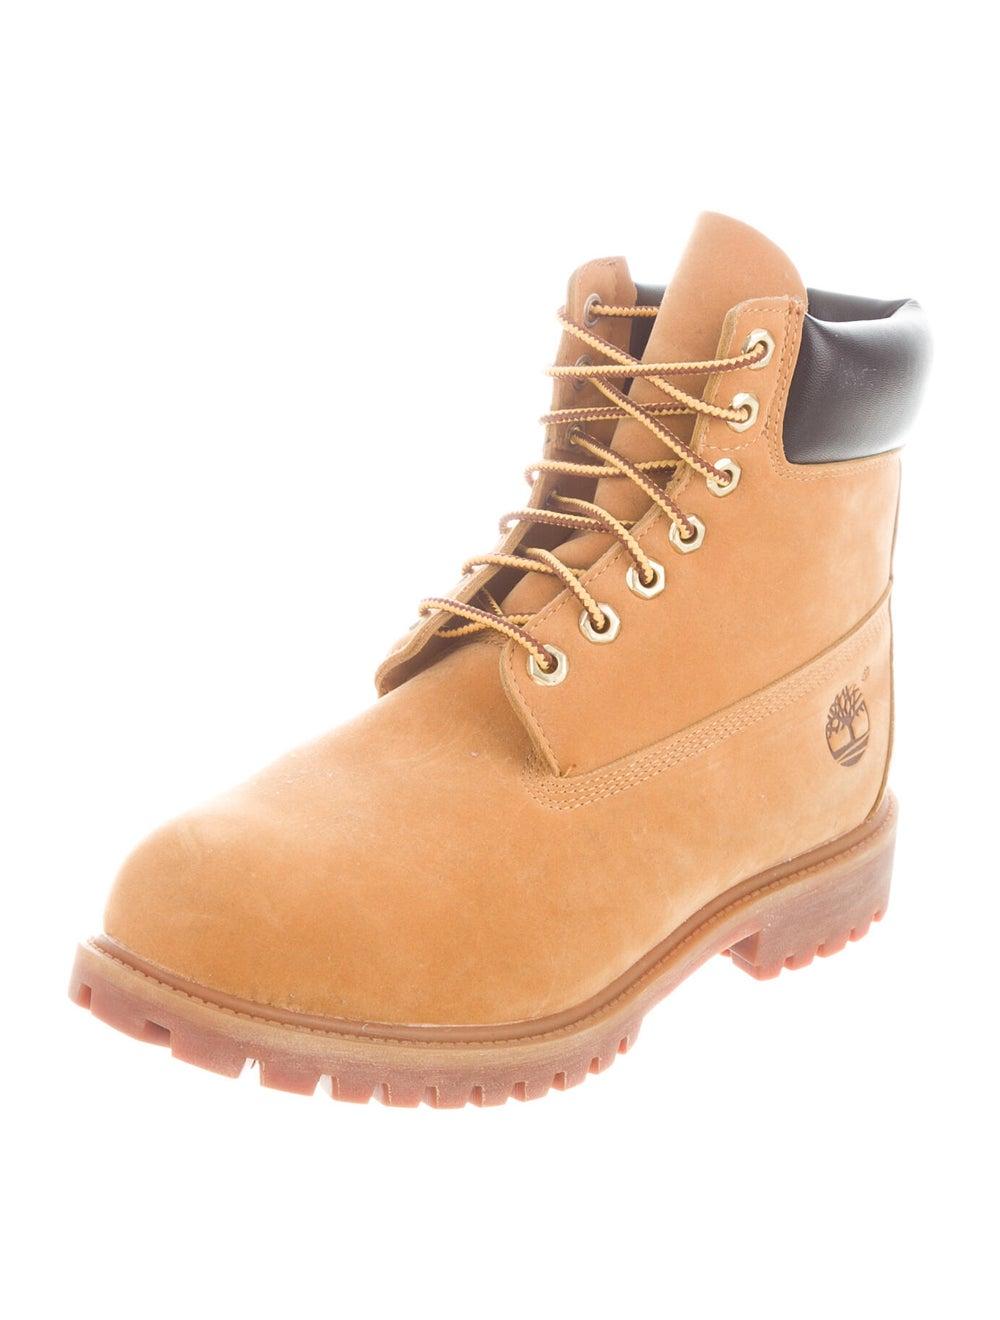 Timberland 6-Inch Premium Nubuck Hiking Boots - image 2